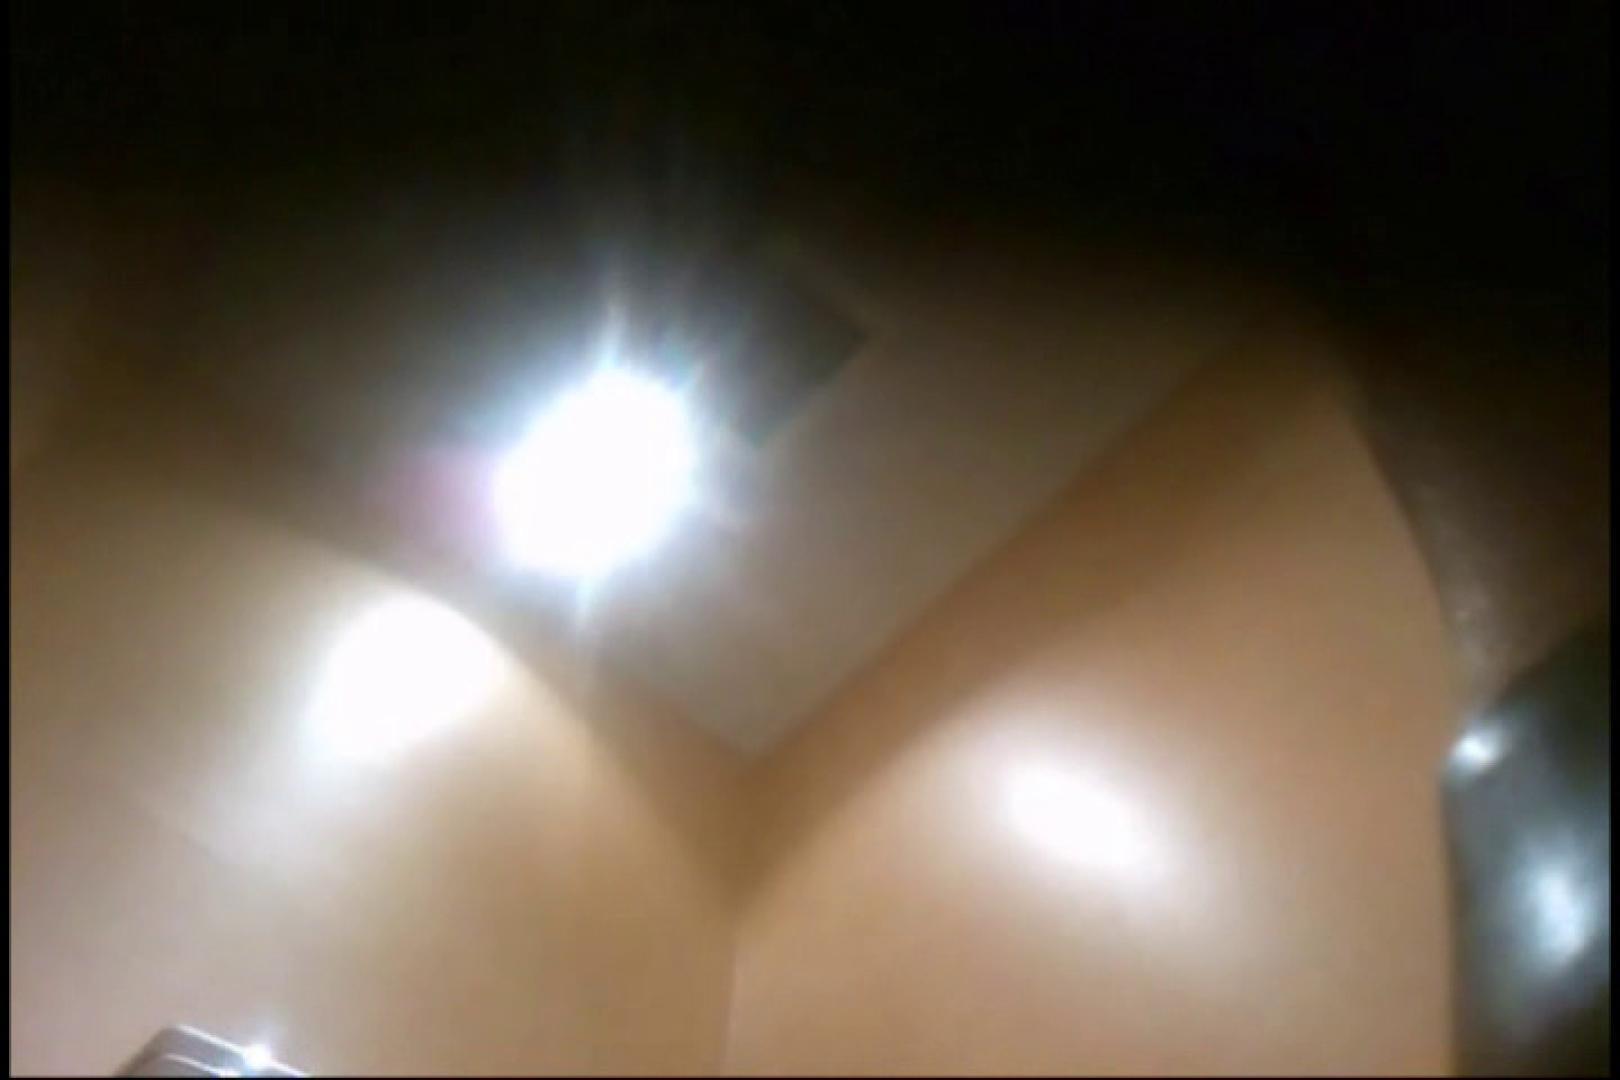 画質向上!新亀さん厠 vol.49 無修正マンコ ヌード画像 80連発 26